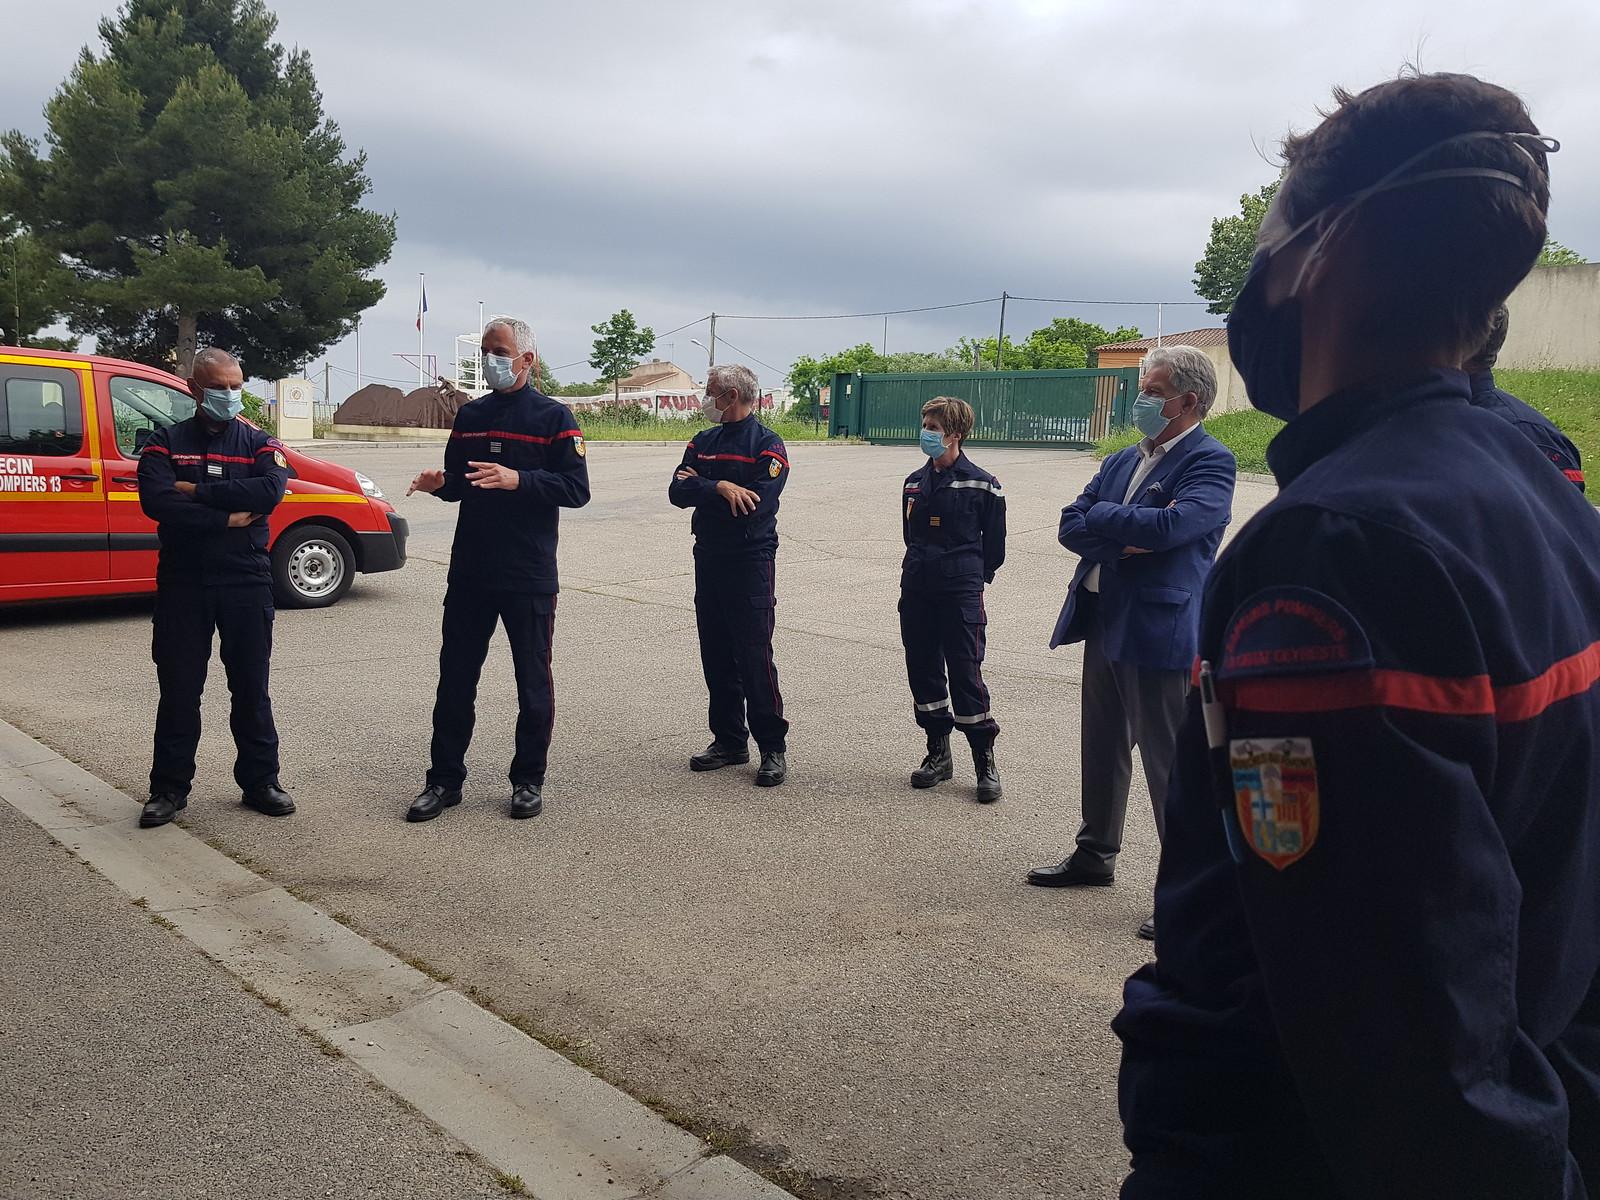 Mise en service du SMUR de la Ciotat : un partenariat efficace